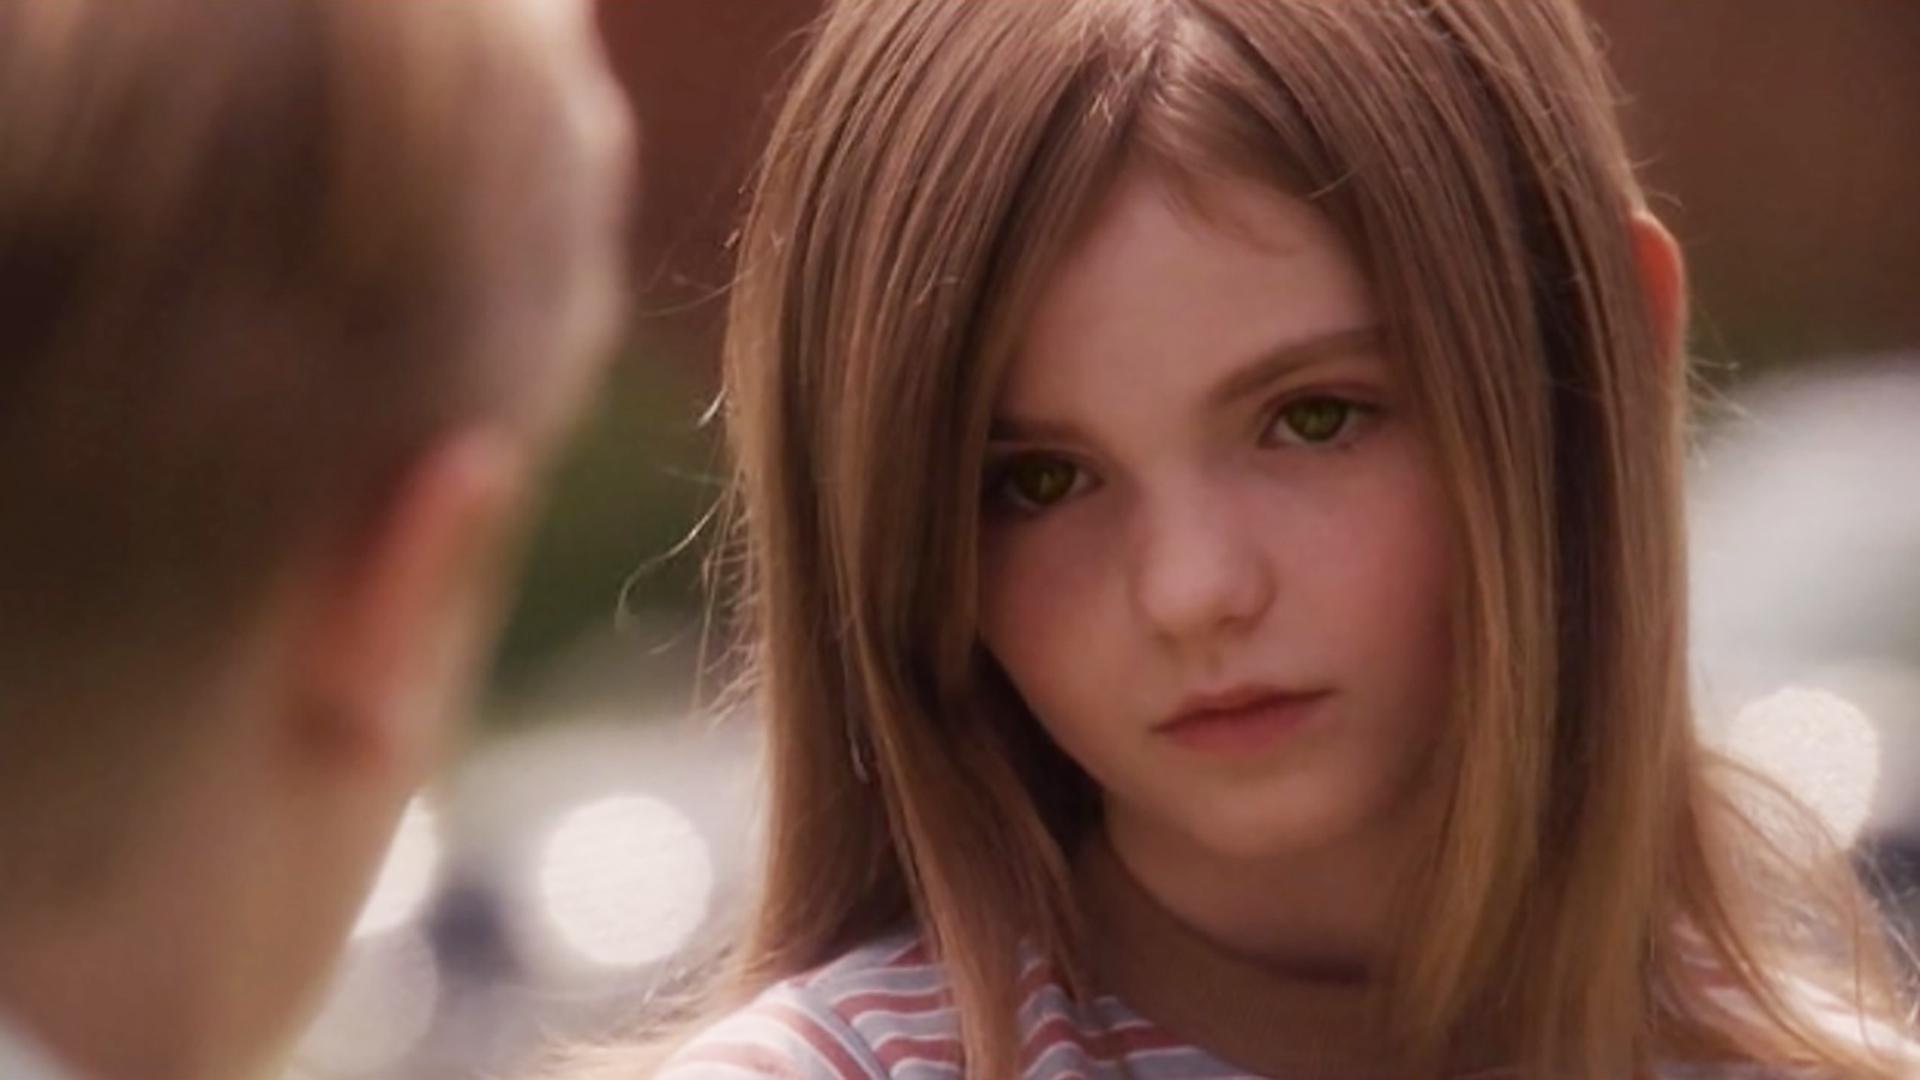 120万人评出9.1高分,史上最甜的爱情电影,看完又相信爱情了